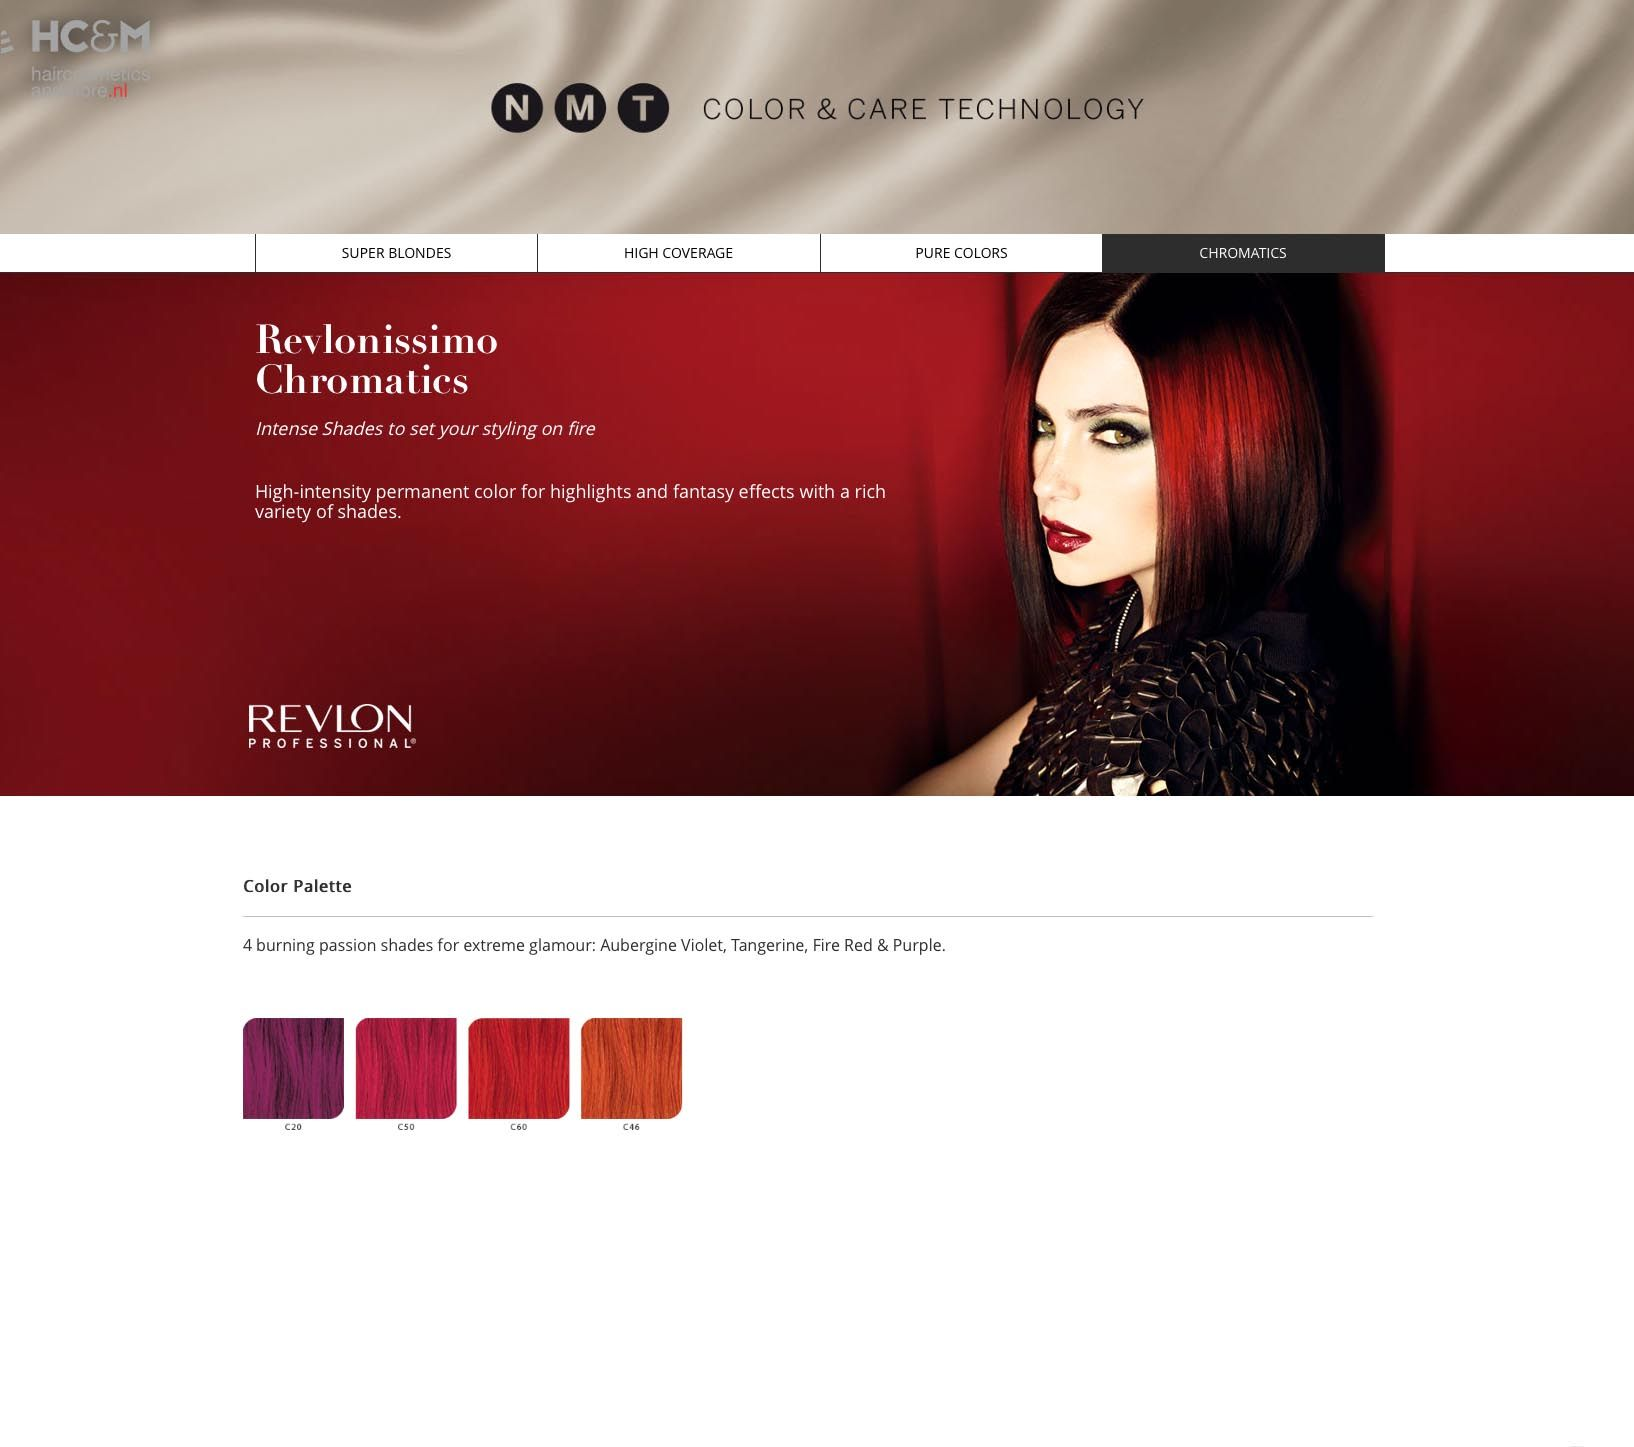 Revlon Professional Revlonissimo Nmt Color Palette Chromatics Revlon Professional Blonde High Color Care